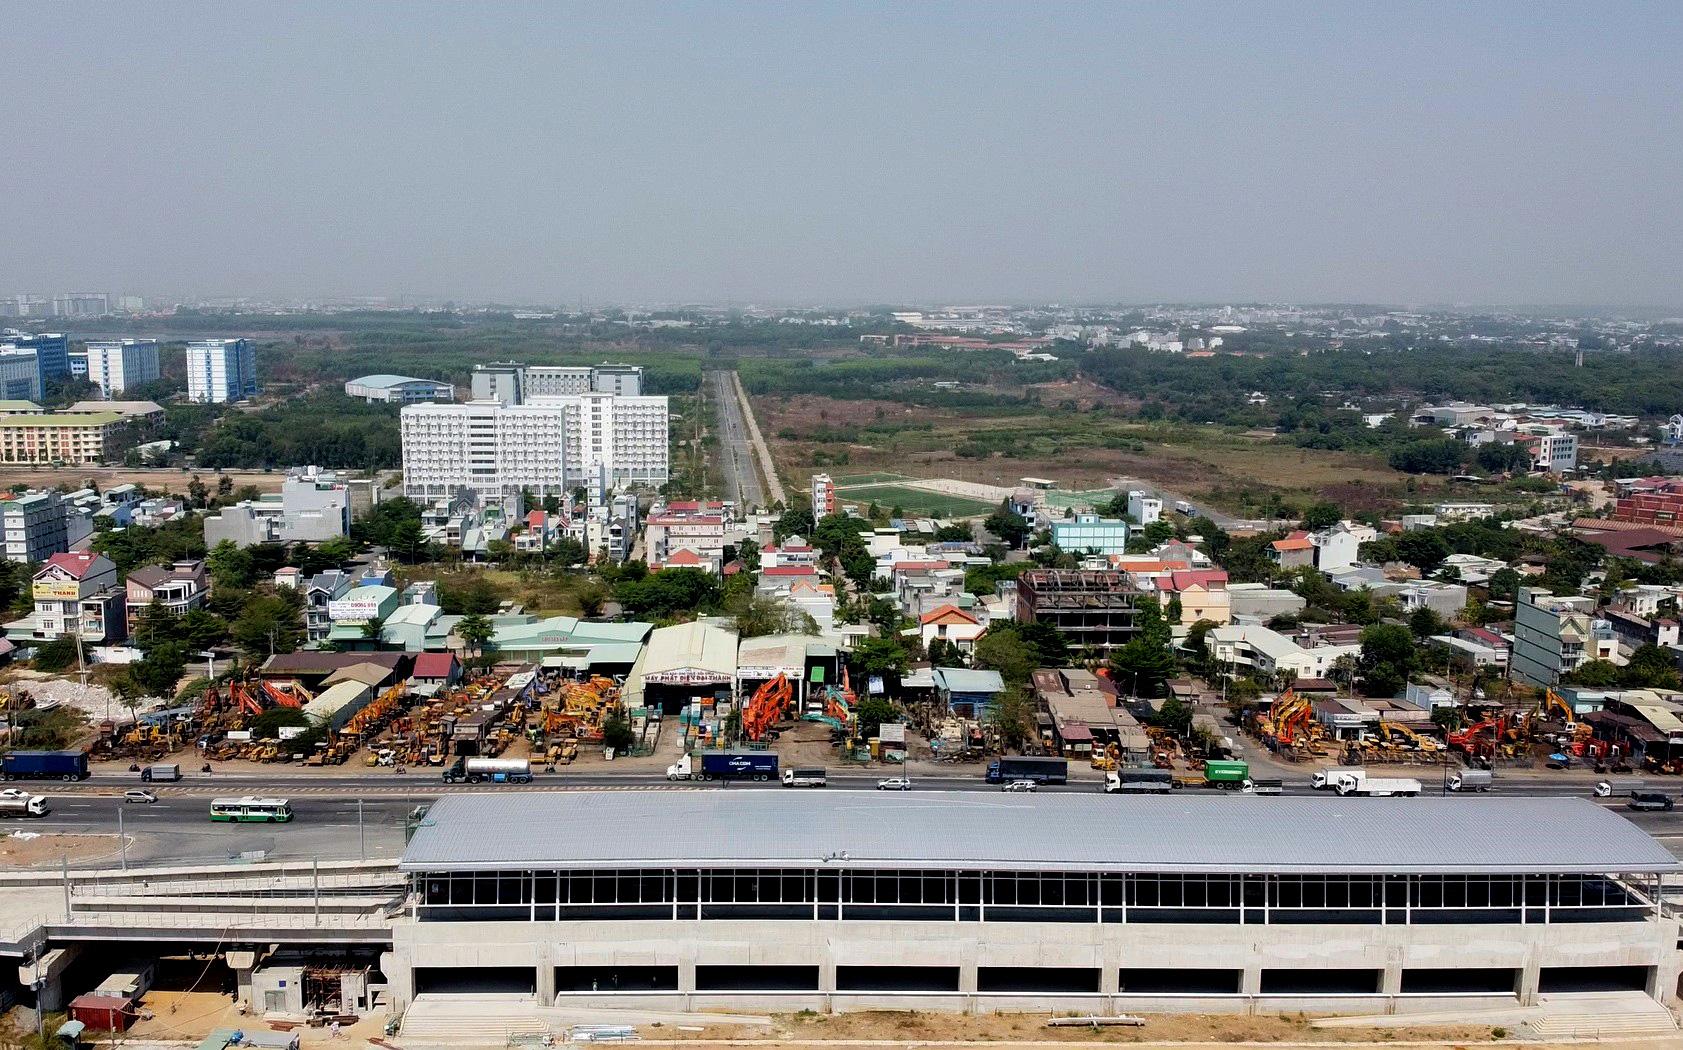 Hàng trăm người đội nắng để gửi đồ cho thân nhân trong khu cách li tại kí túc xá Đại học Quốc gia TP HCM - Ảnh 2.